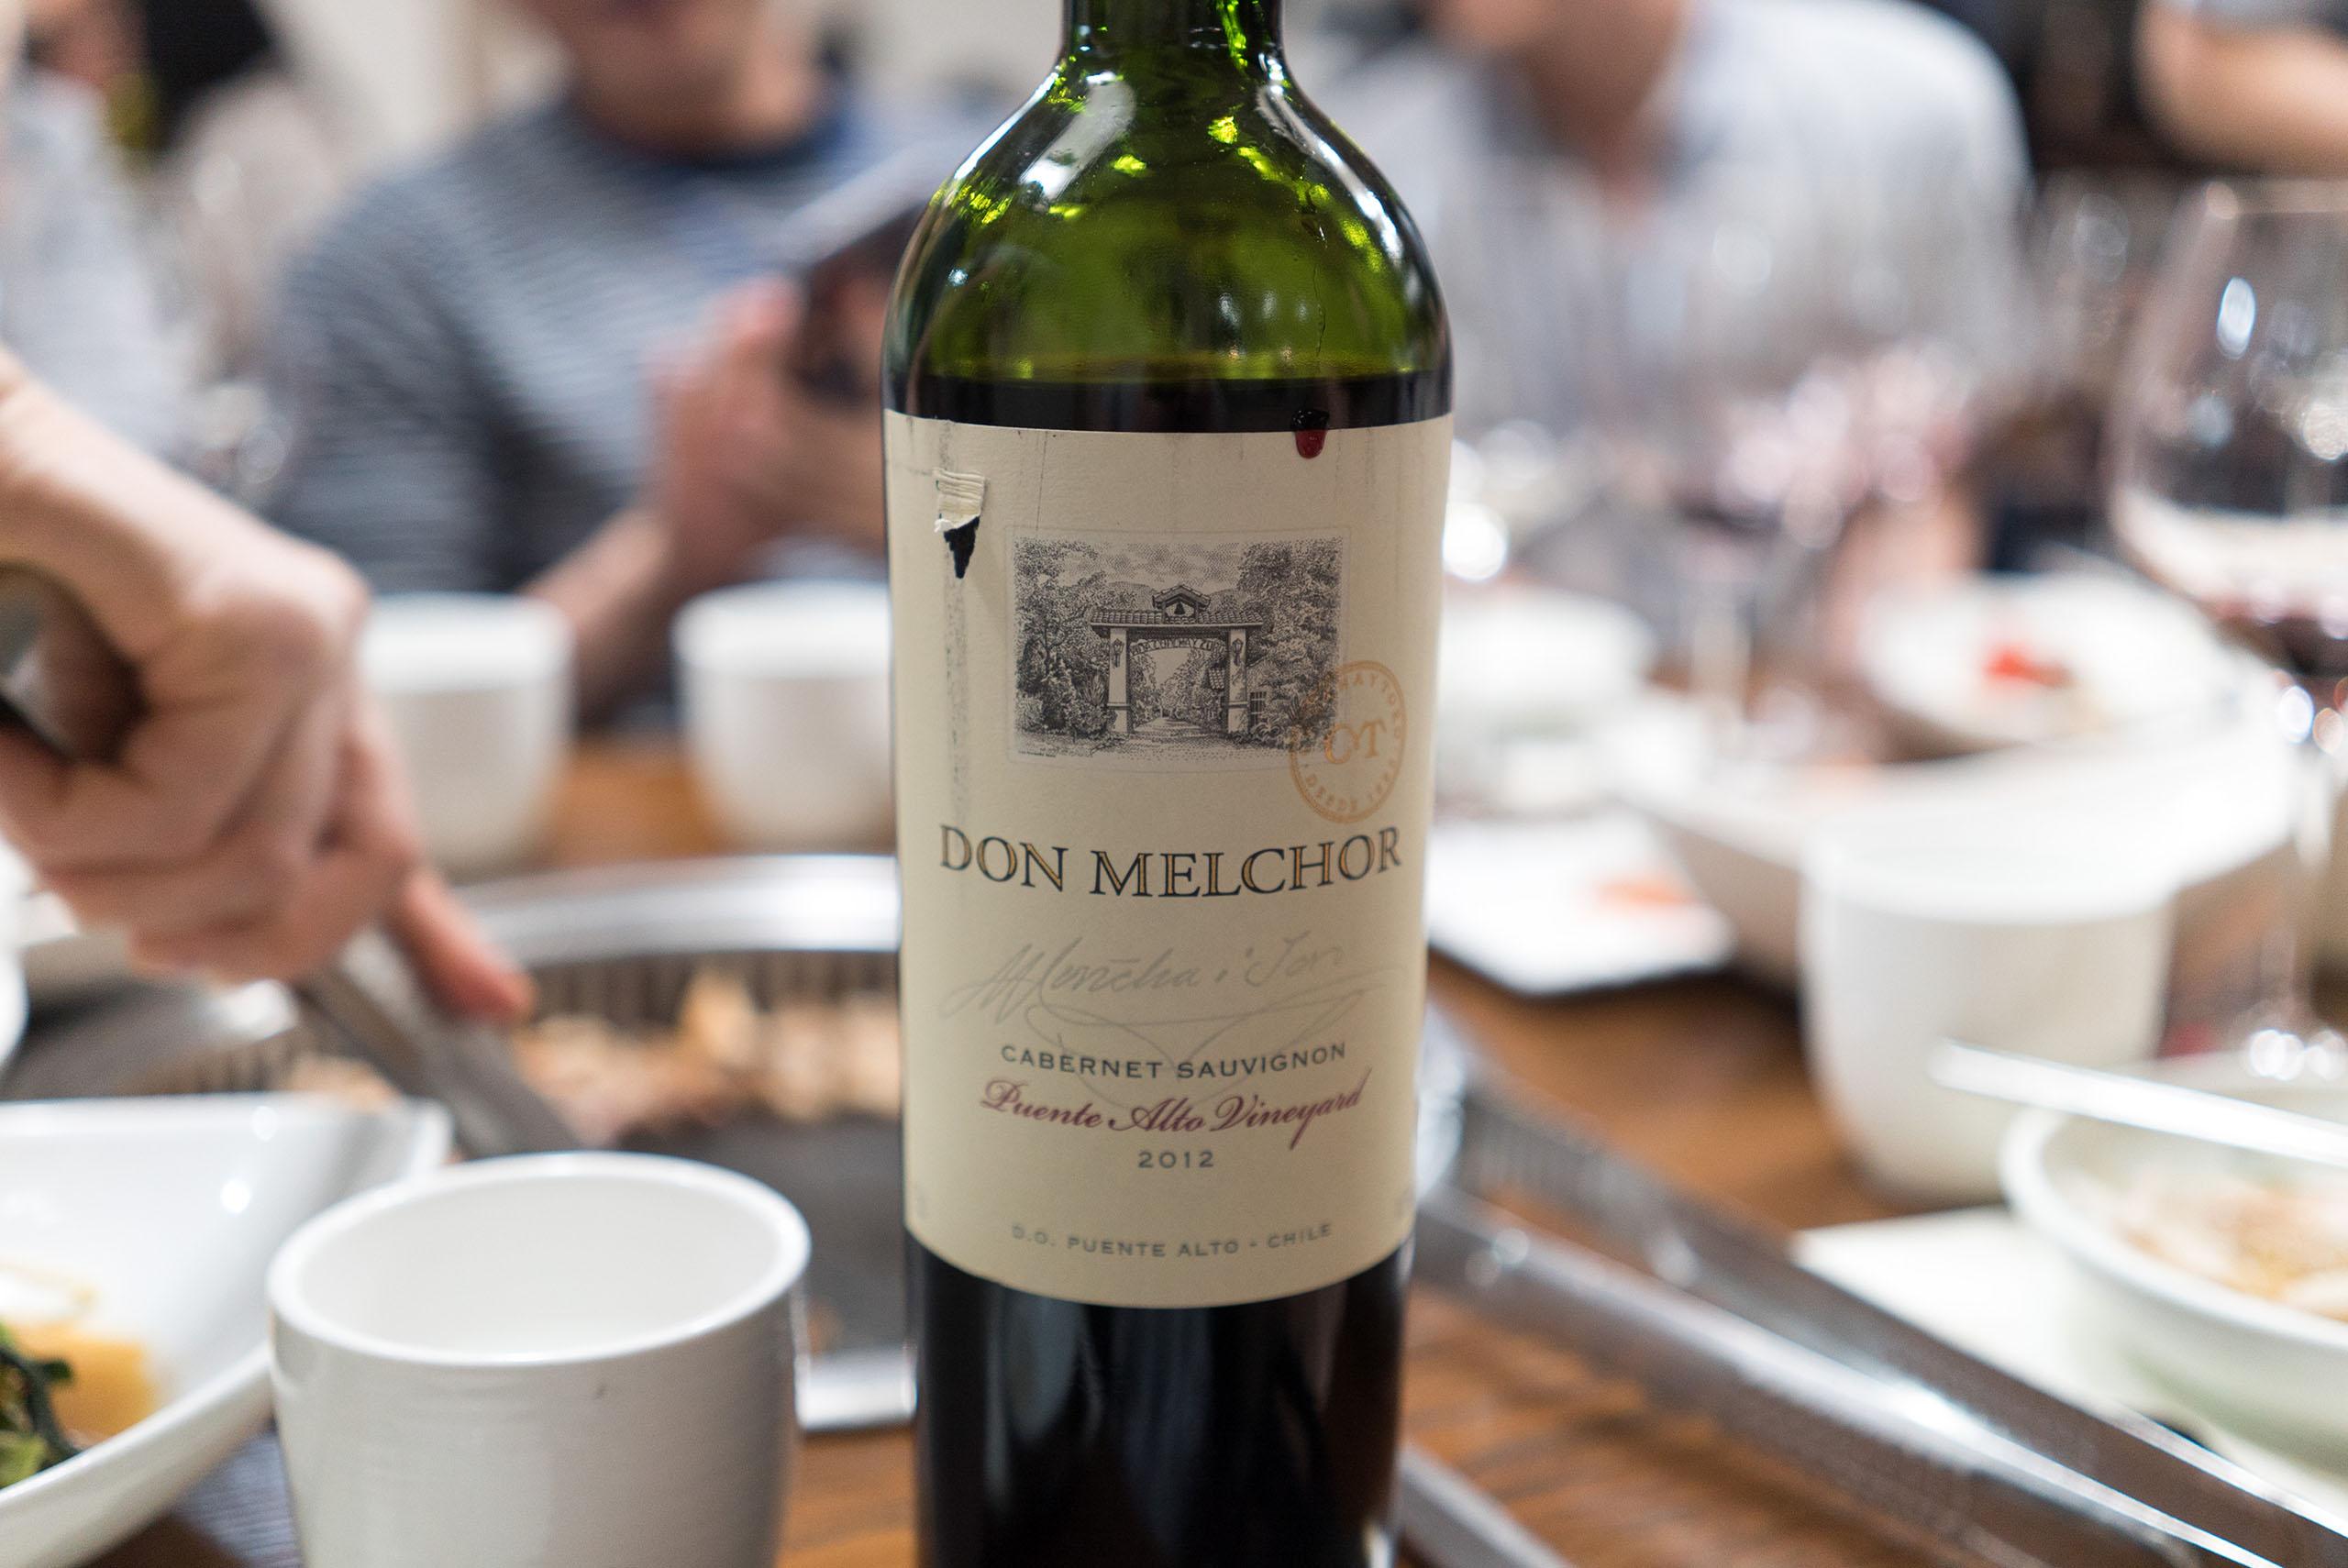 Don Melchor 2012